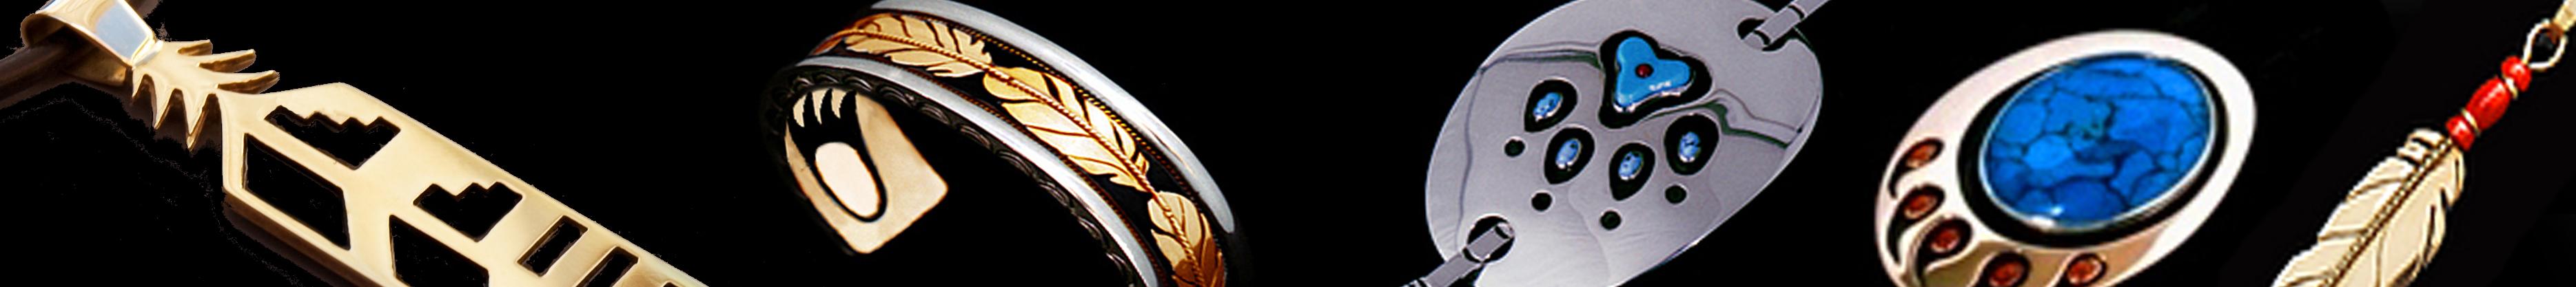 Doodem clan jewelry top image